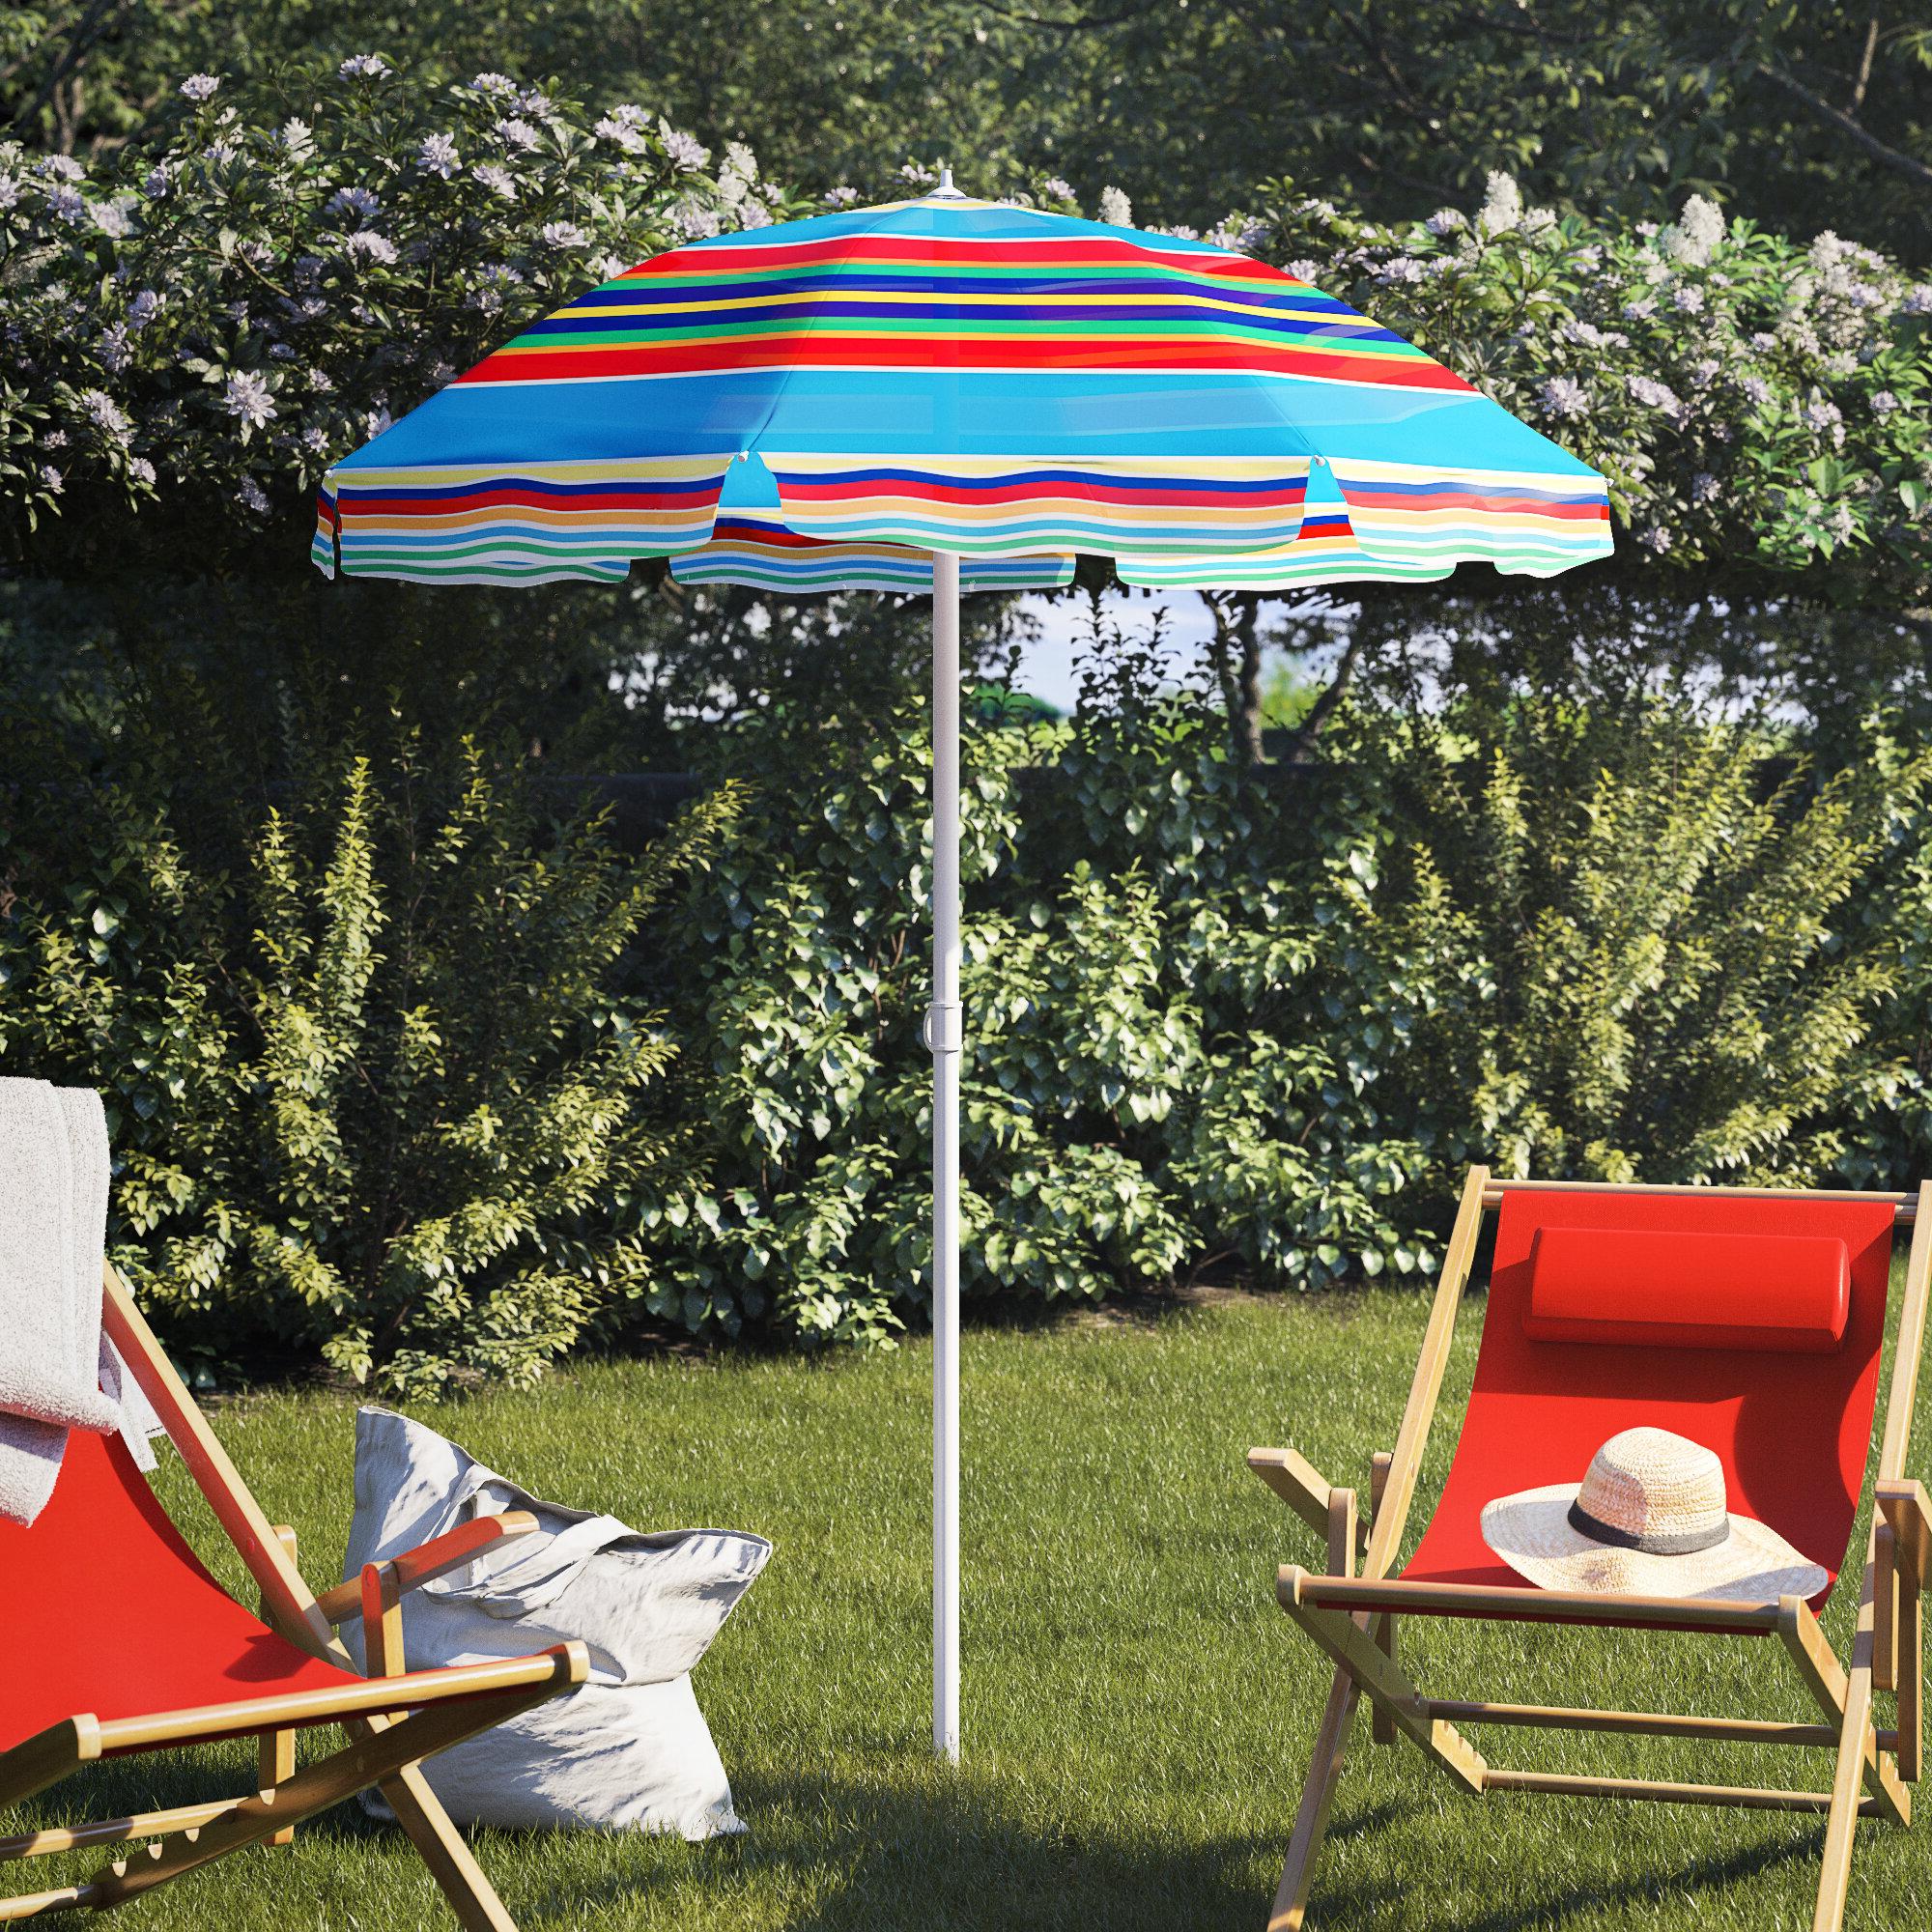 Auriville 5' Beach Umbrella Regarding Widely Used Capra Beach Umbrellas (View 2 of 20)